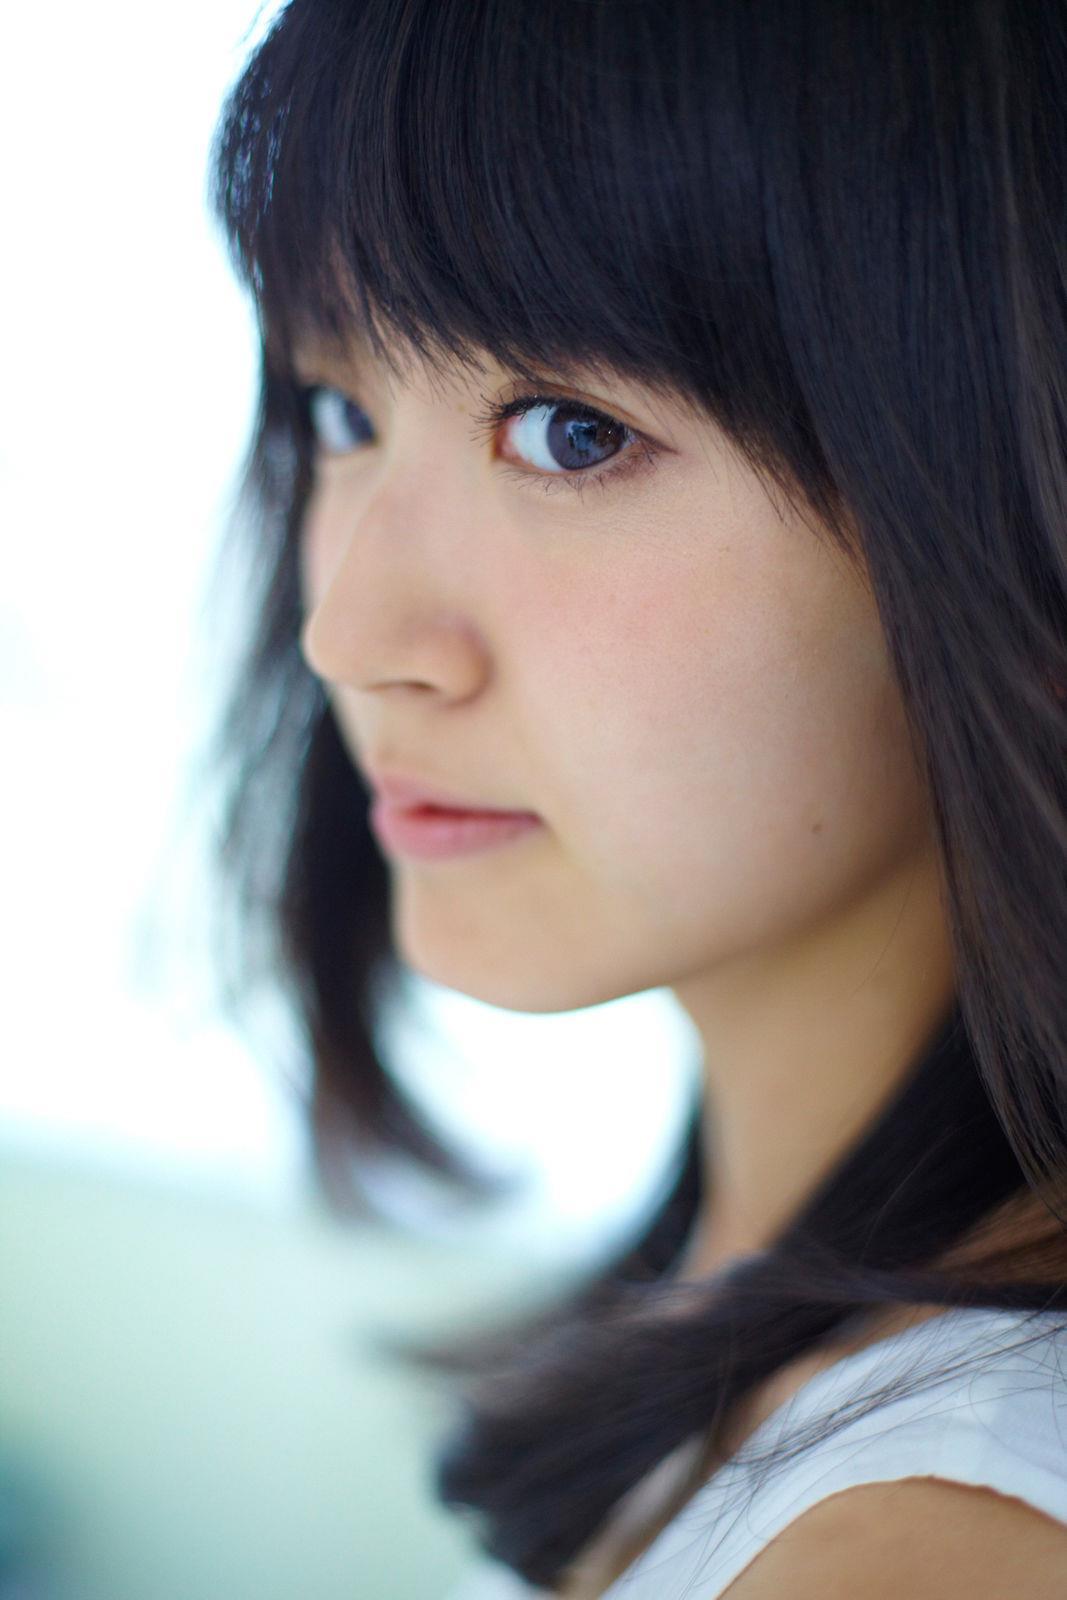 鈴木愛理(℃-ute) セクシー画像 5